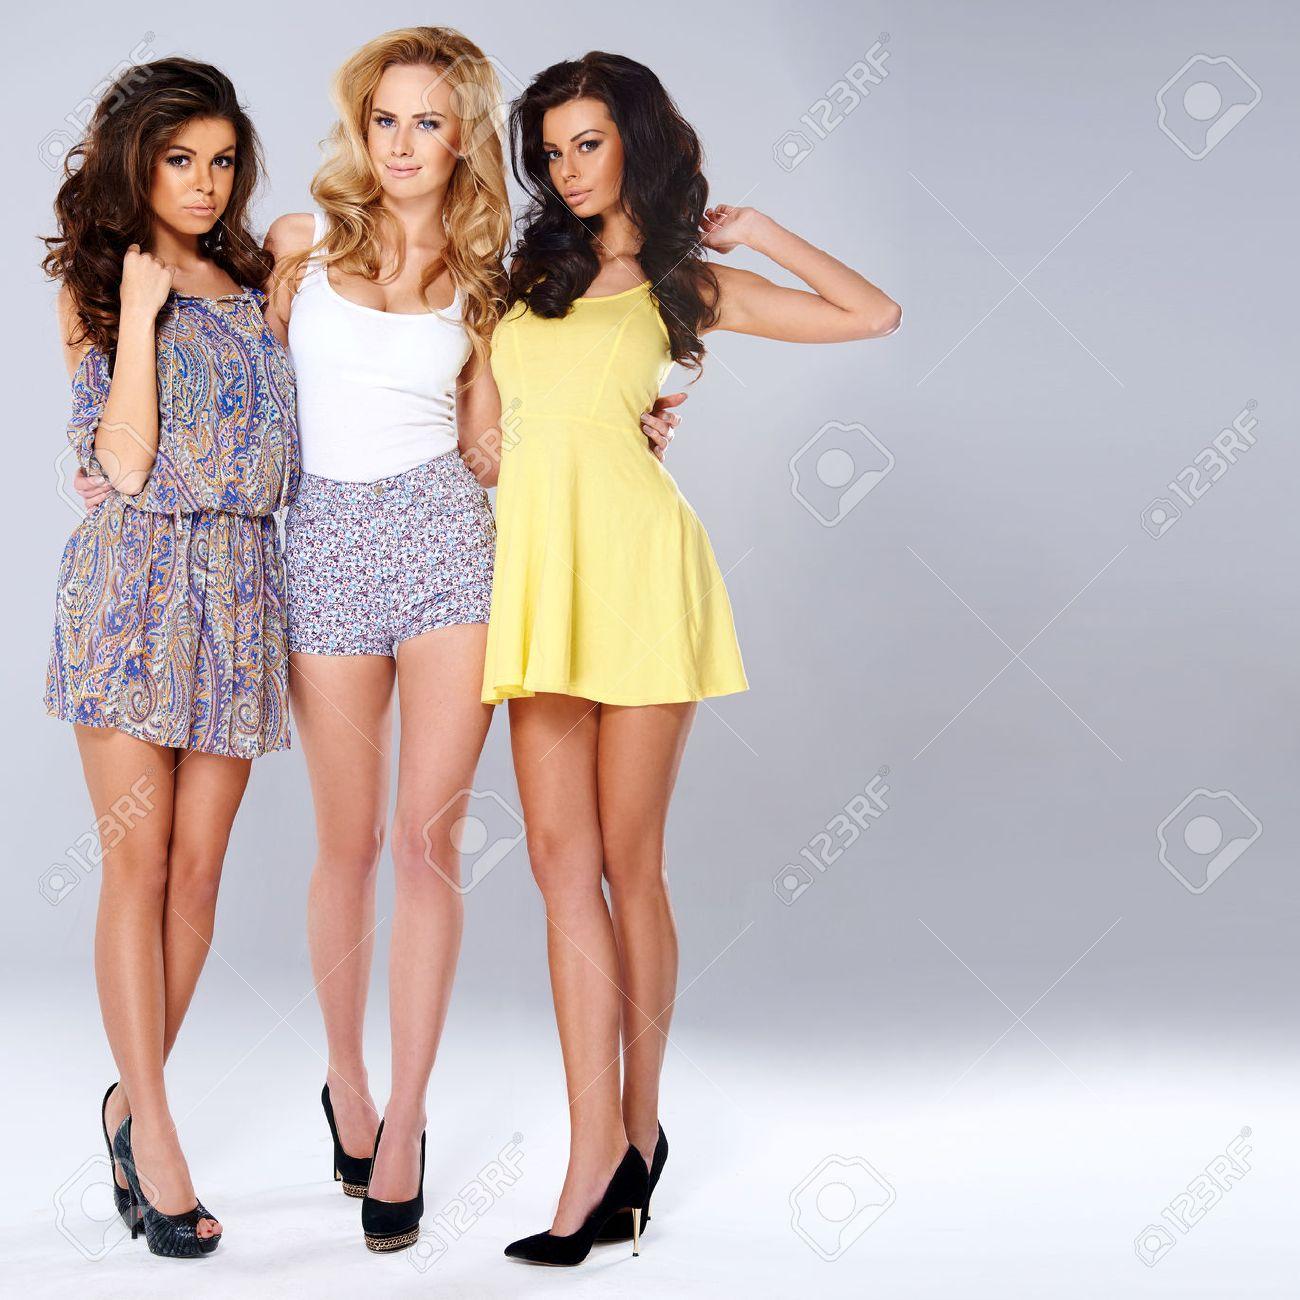 Tres Mujeres Jóvenes Elegantes Sexy En La Moda De Verano De Pie Del